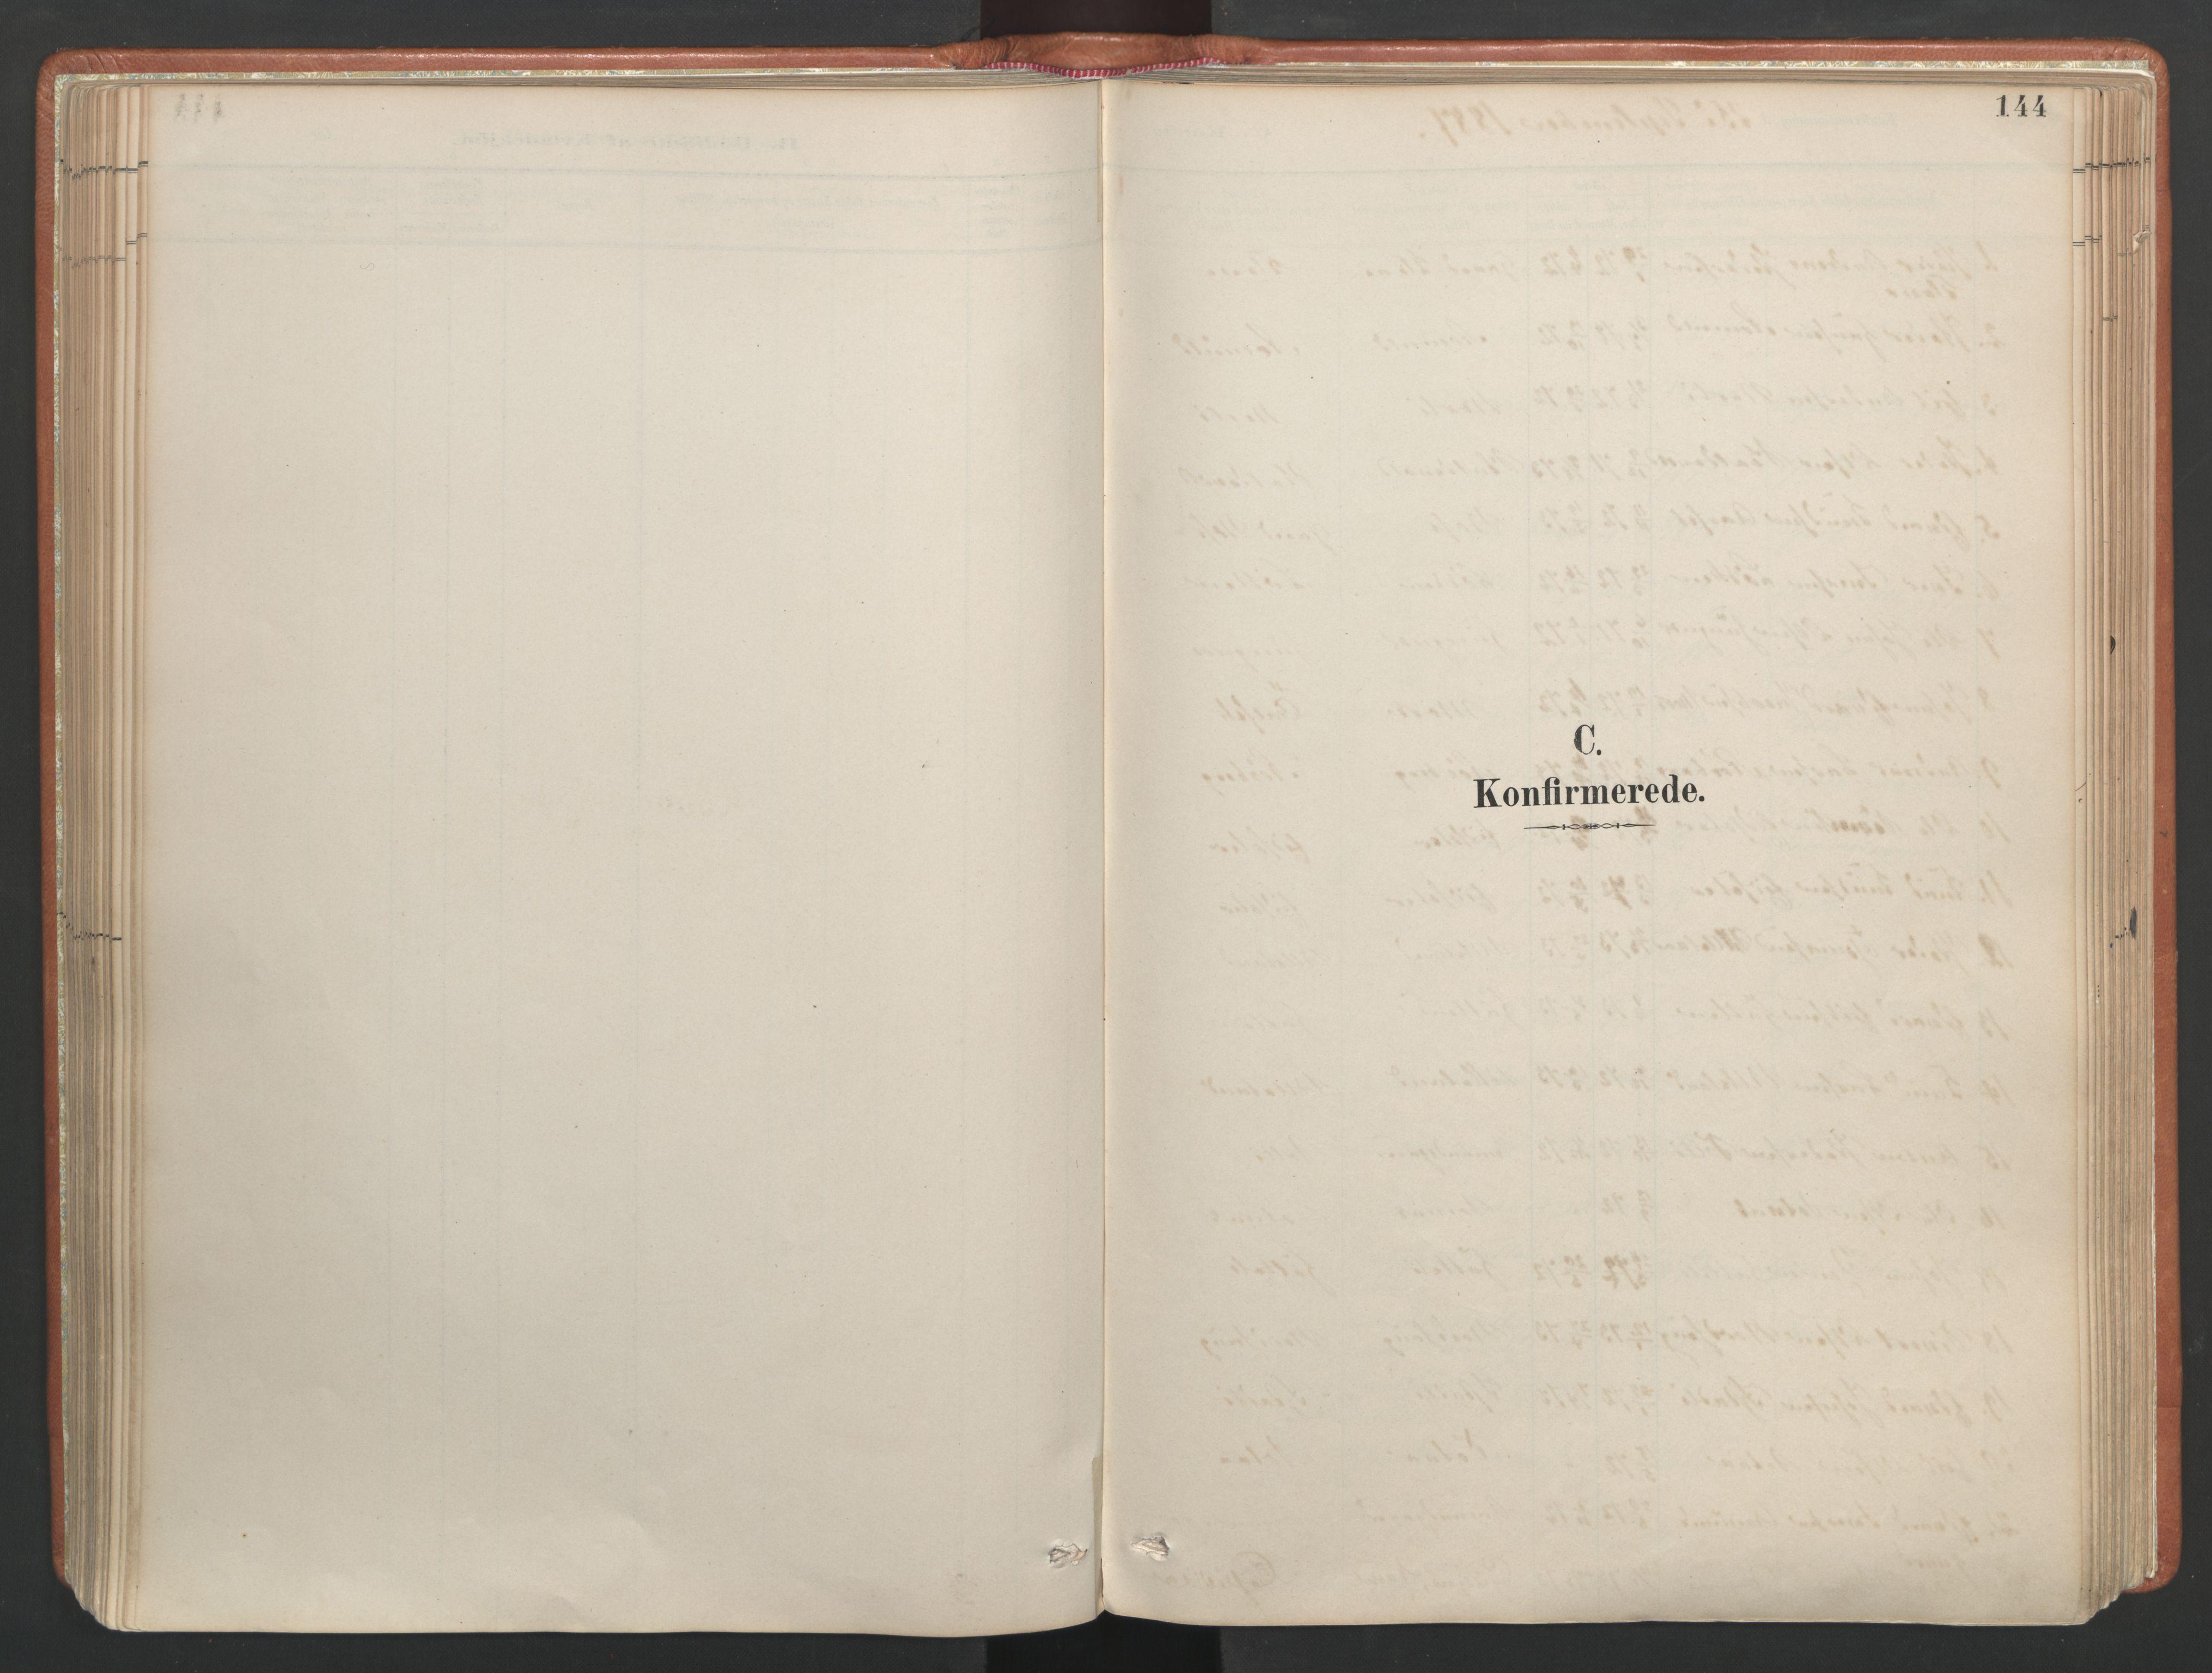 SAT, Ministerialprotokoller, klokkerbøker og fødselsregistre - Møre og Romsdal, 557/L0682: Ministerialbok nr. 557A04, 1887-1970, s. 144